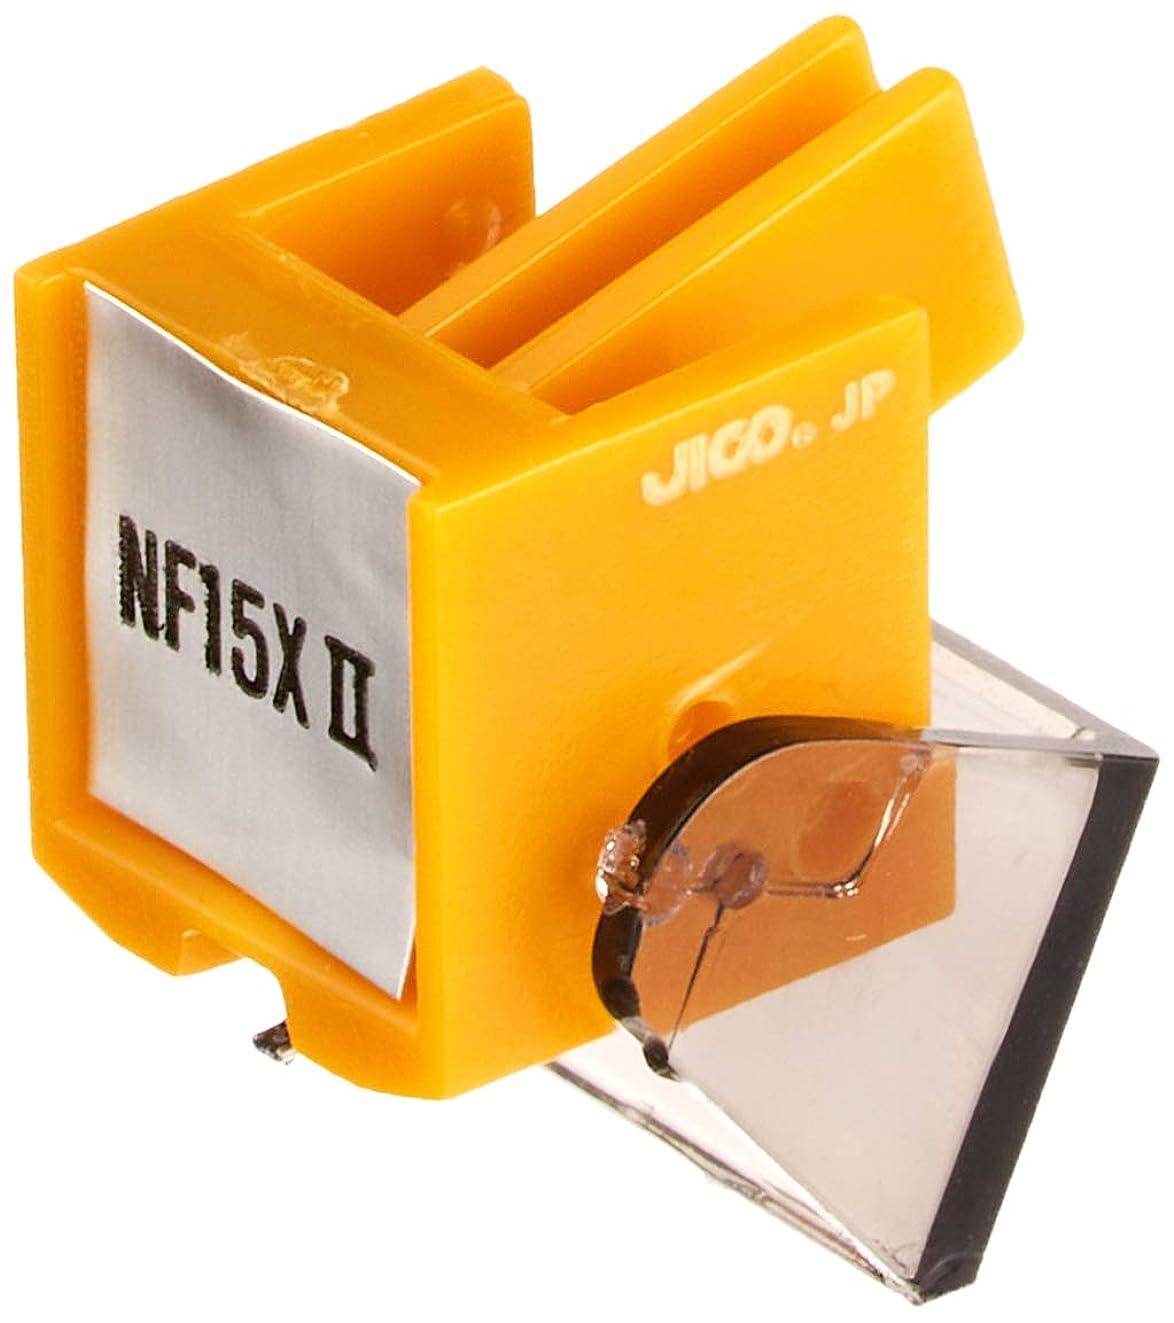 クレデンシャルポジティブスピリチュアルJICO レコード針 Ortofon NF-15X/Ⅱ用交換針 丸針 242-NF15X/Ⅱ